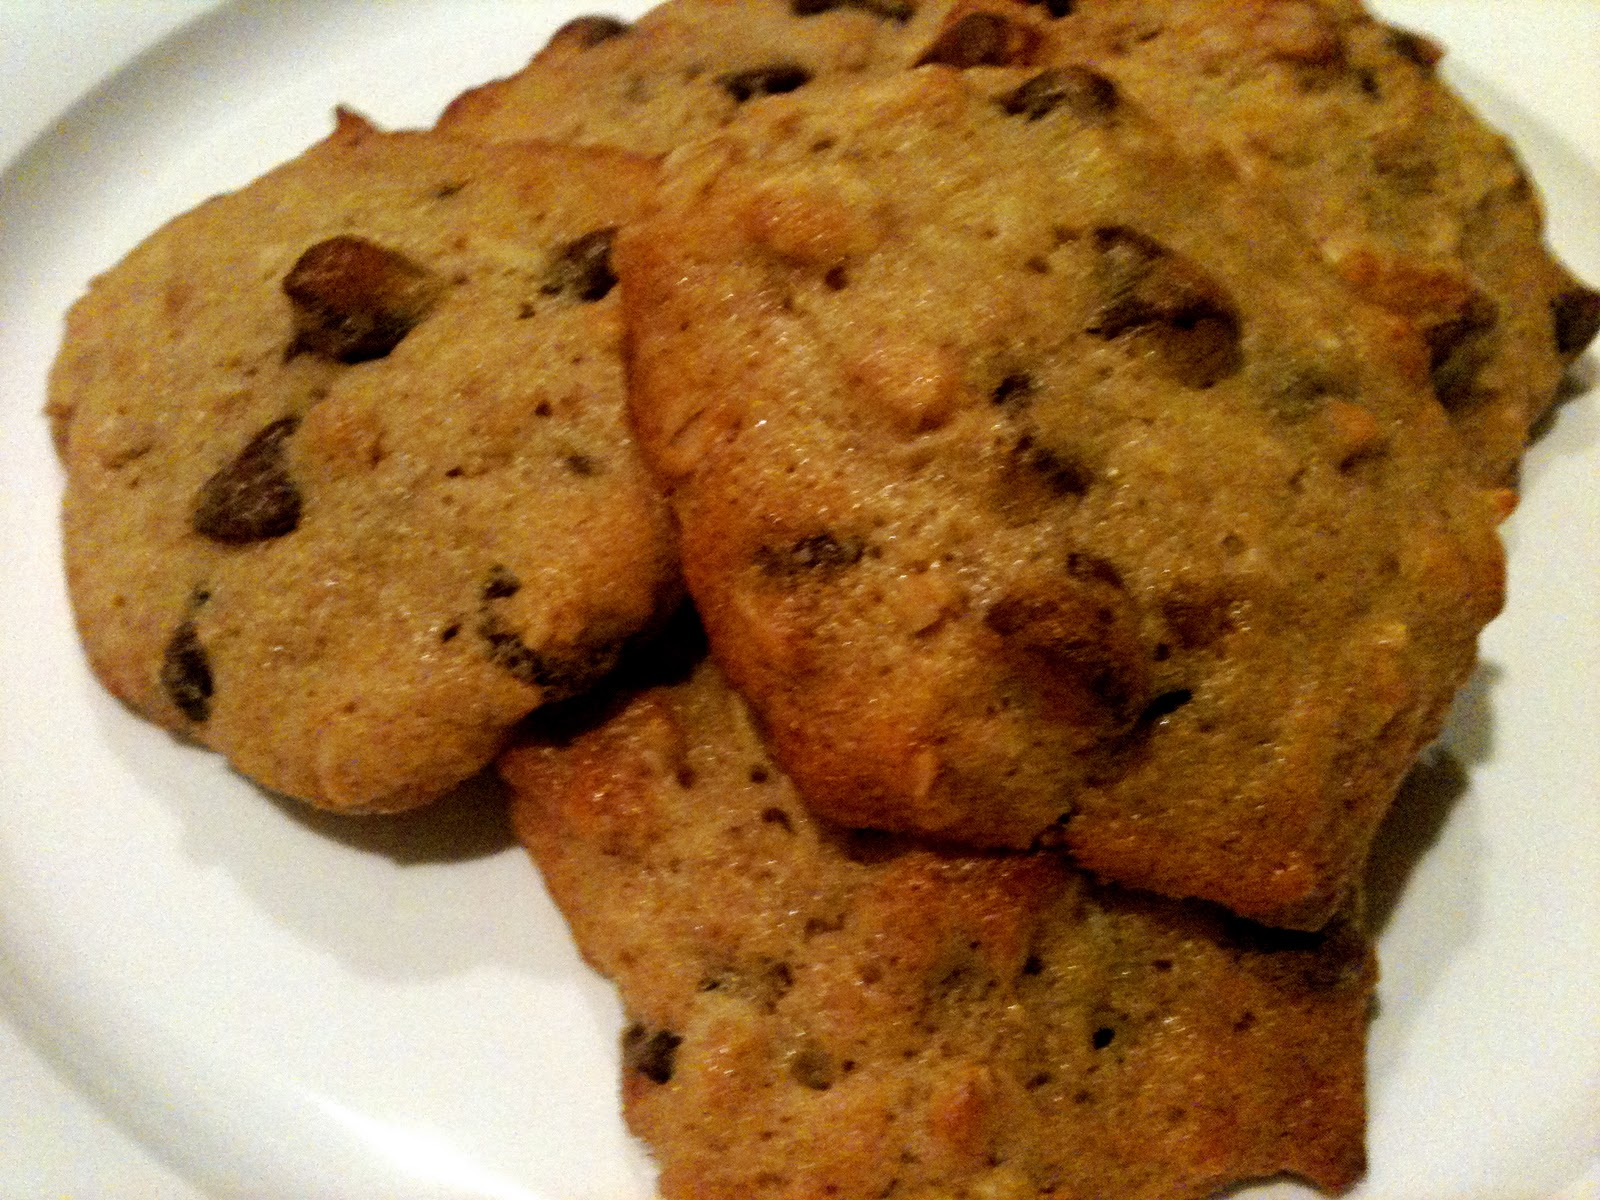 Cupcake Baking Machine: Banana Walnut Chocolate Chip Cookies